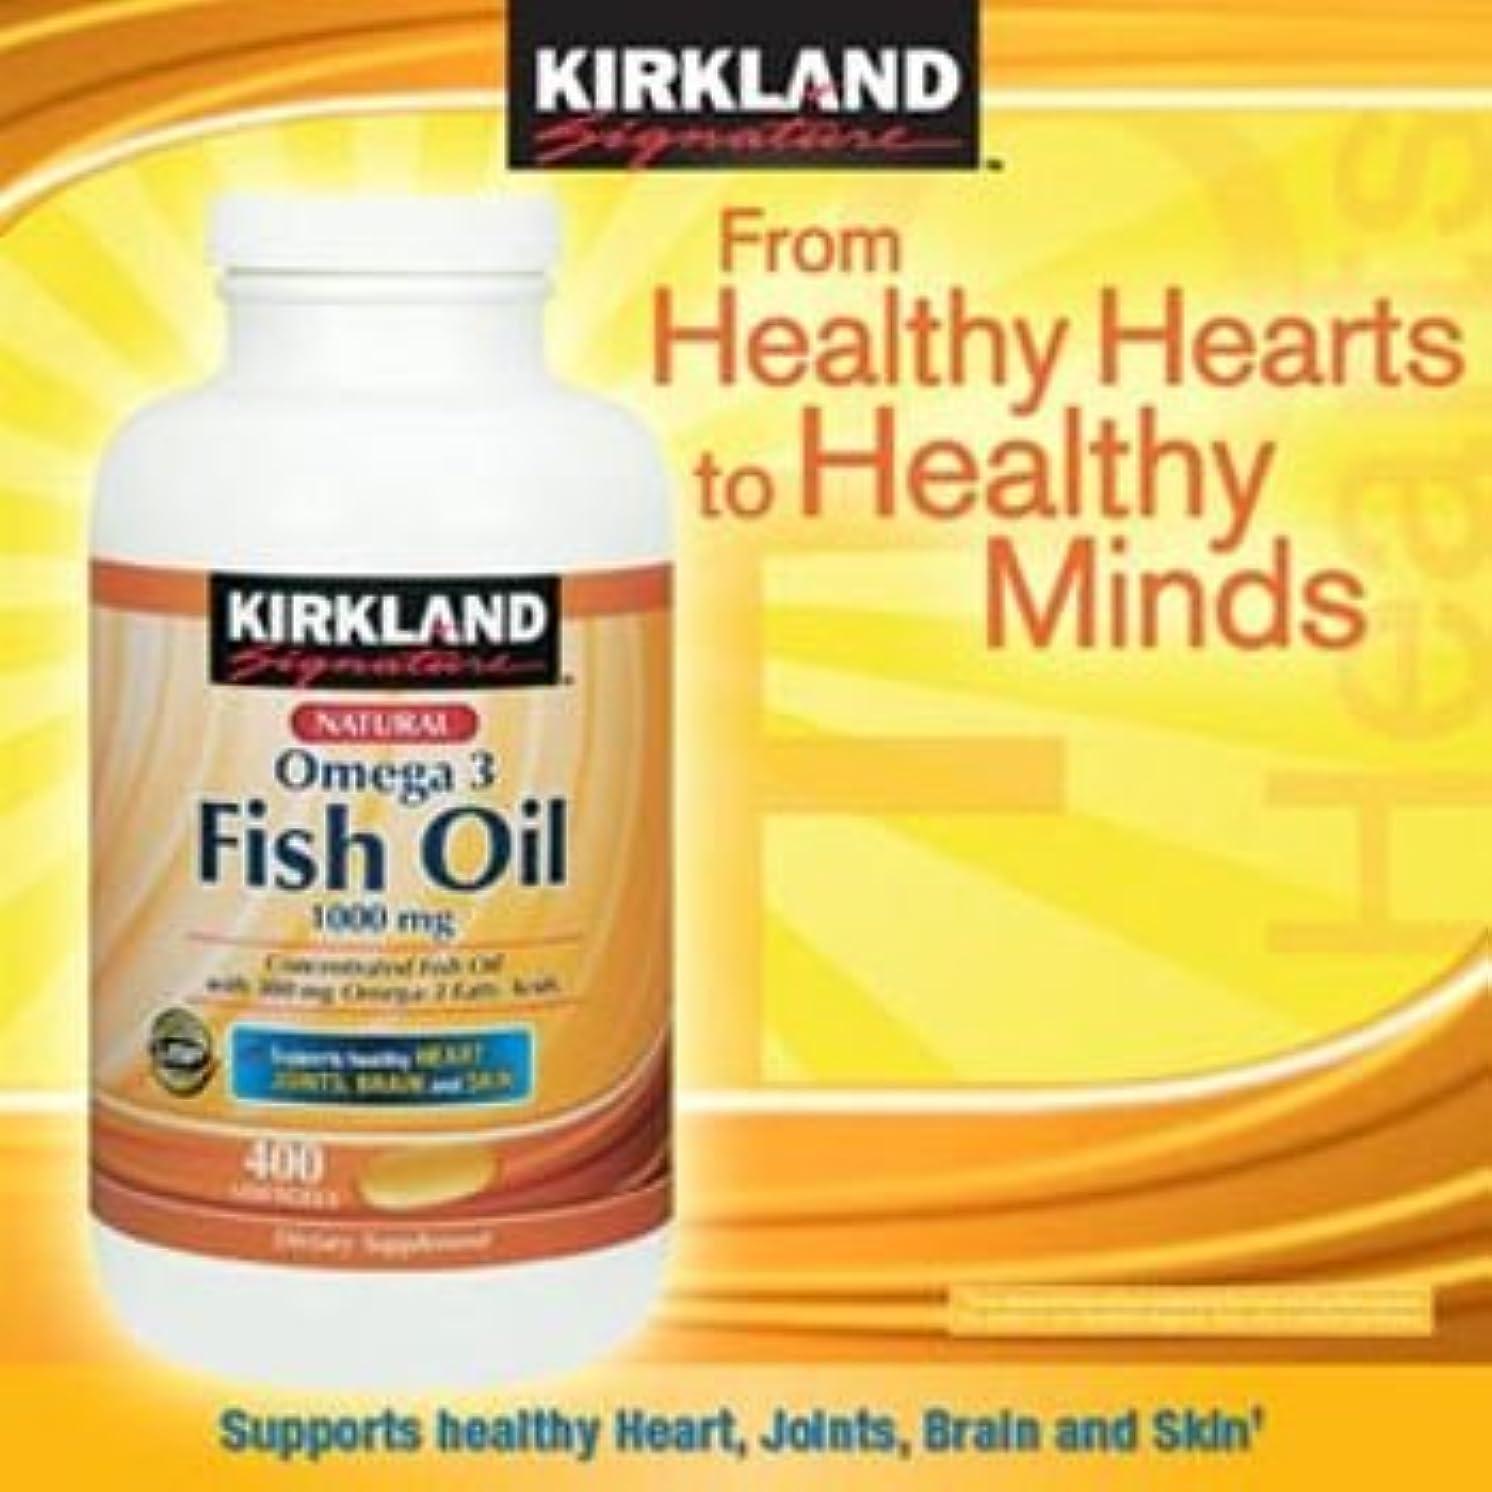 探す包括的笑KIRKLAND社 フィッシュオイル (DHA+EPA) オメガ3 1000mg 400ソフトカプセル 3本 [並行輸入品] [海外直送品] 3 Bottles of KIRKLAND's Fish Oil (DHA +...